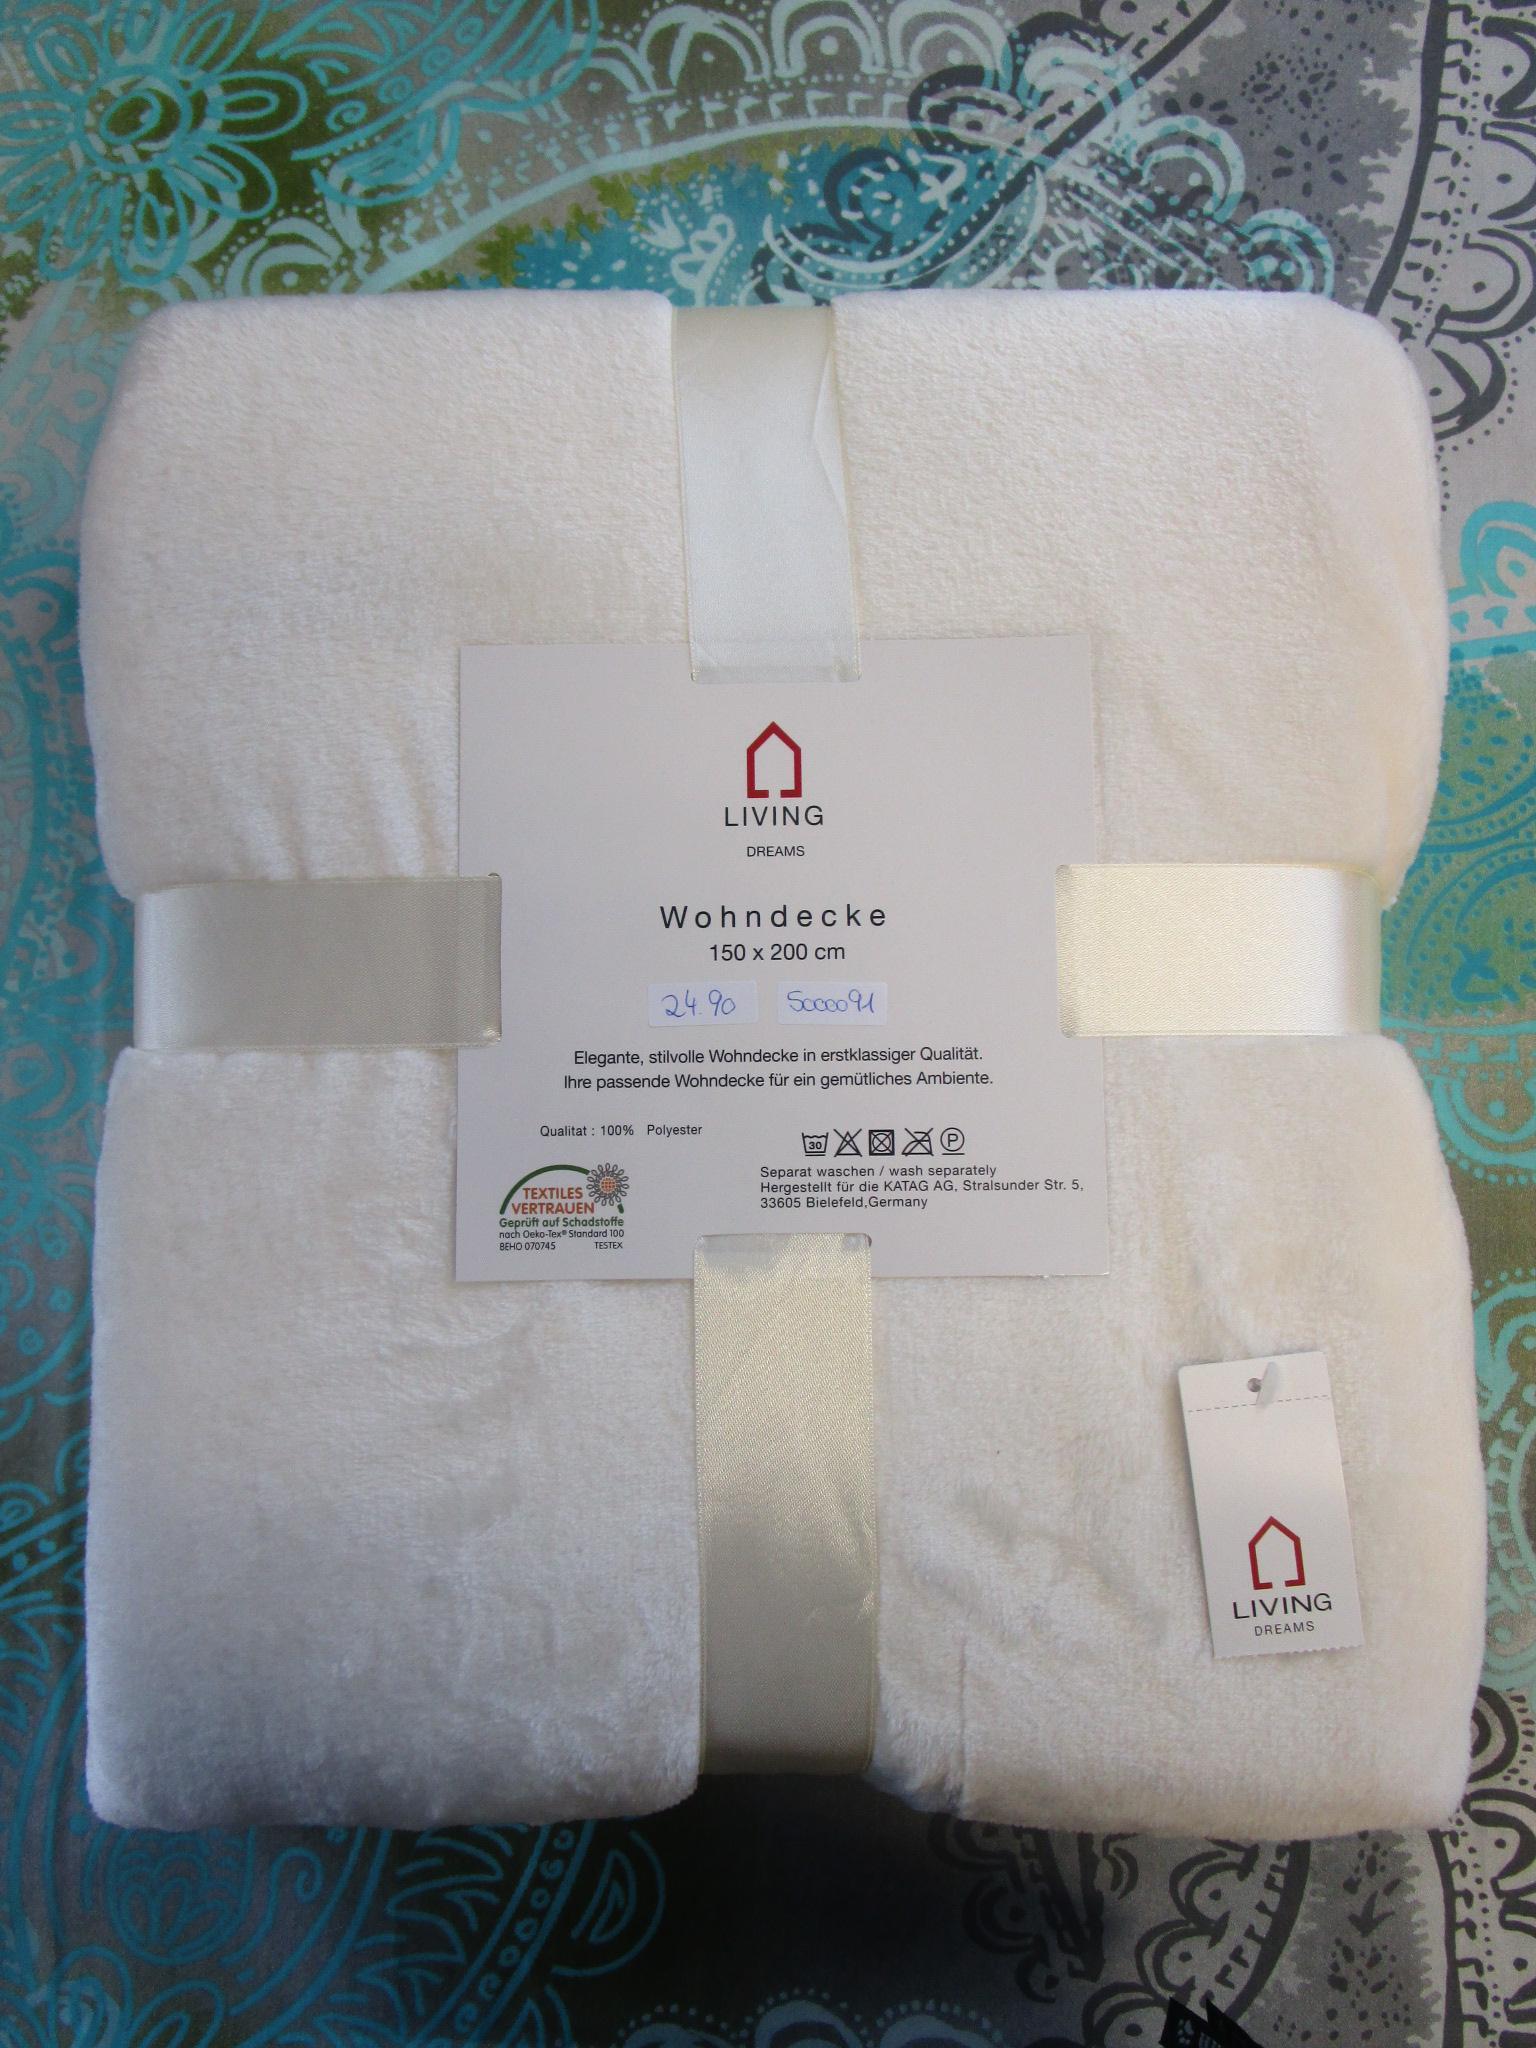 kuscheldecke 150x200 in der farbe creme off white kaufen bei betten krebs gelnhausen. Black Bedroom Furniture Sets. Home Design Ideas